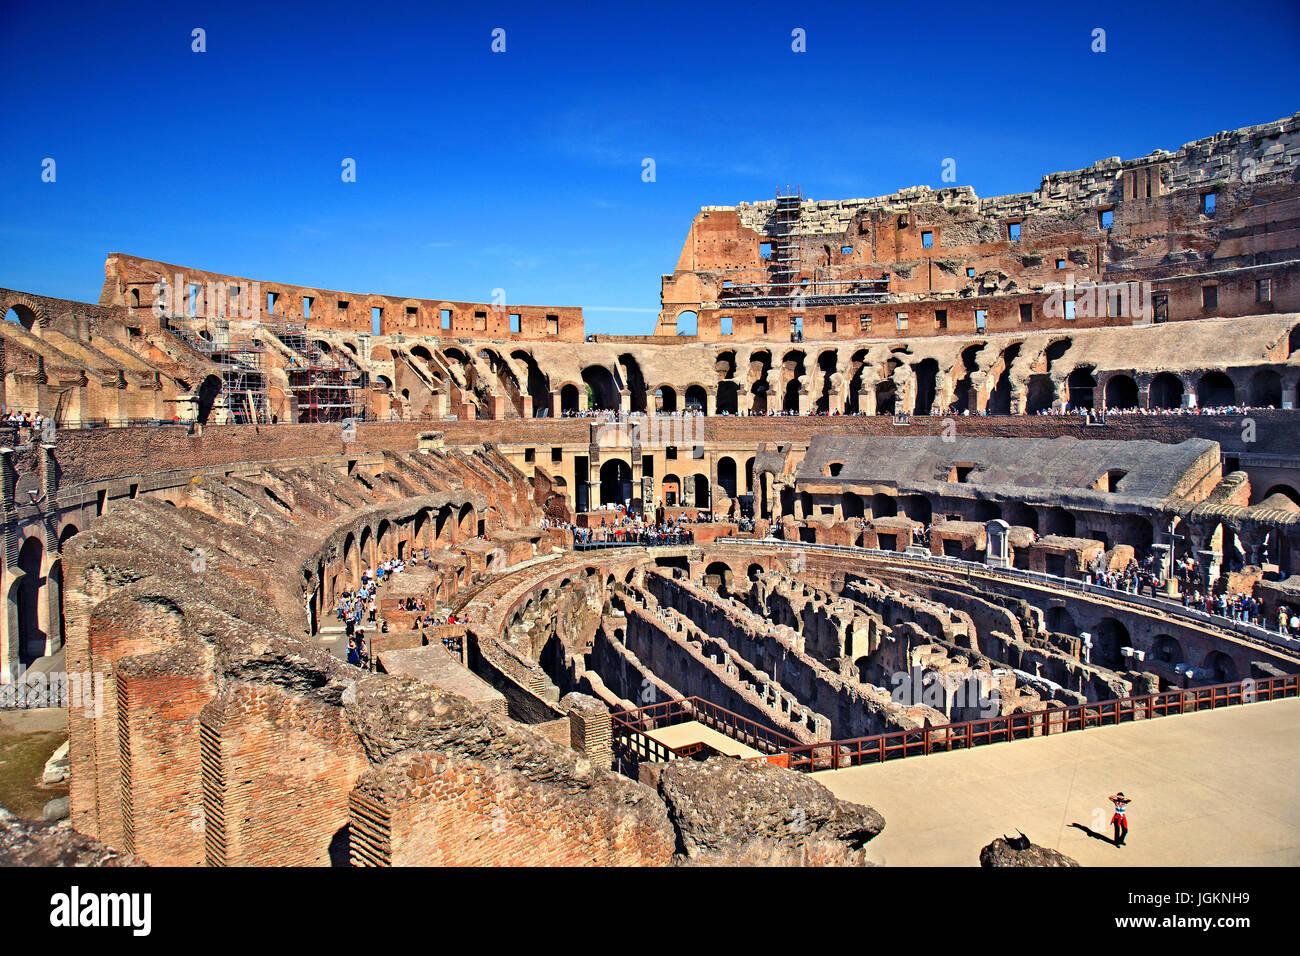 L'intérieur du Colisée (Colosseo', également connu sous le nom de 'Flavian Amphitheater'), Photo Stock